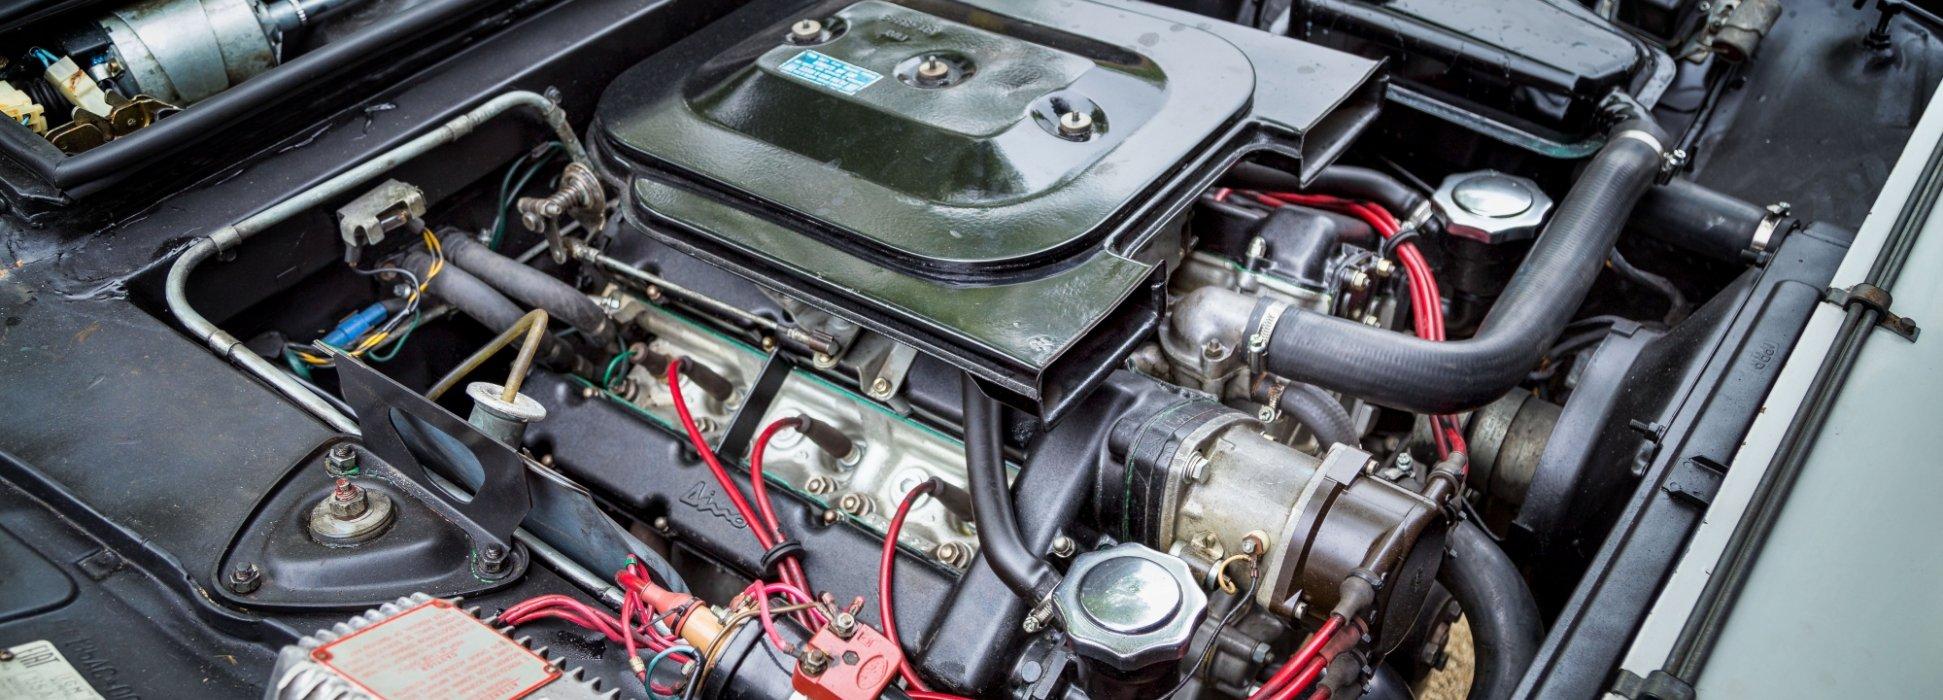 Fiat Dino 2000 Coupé 1